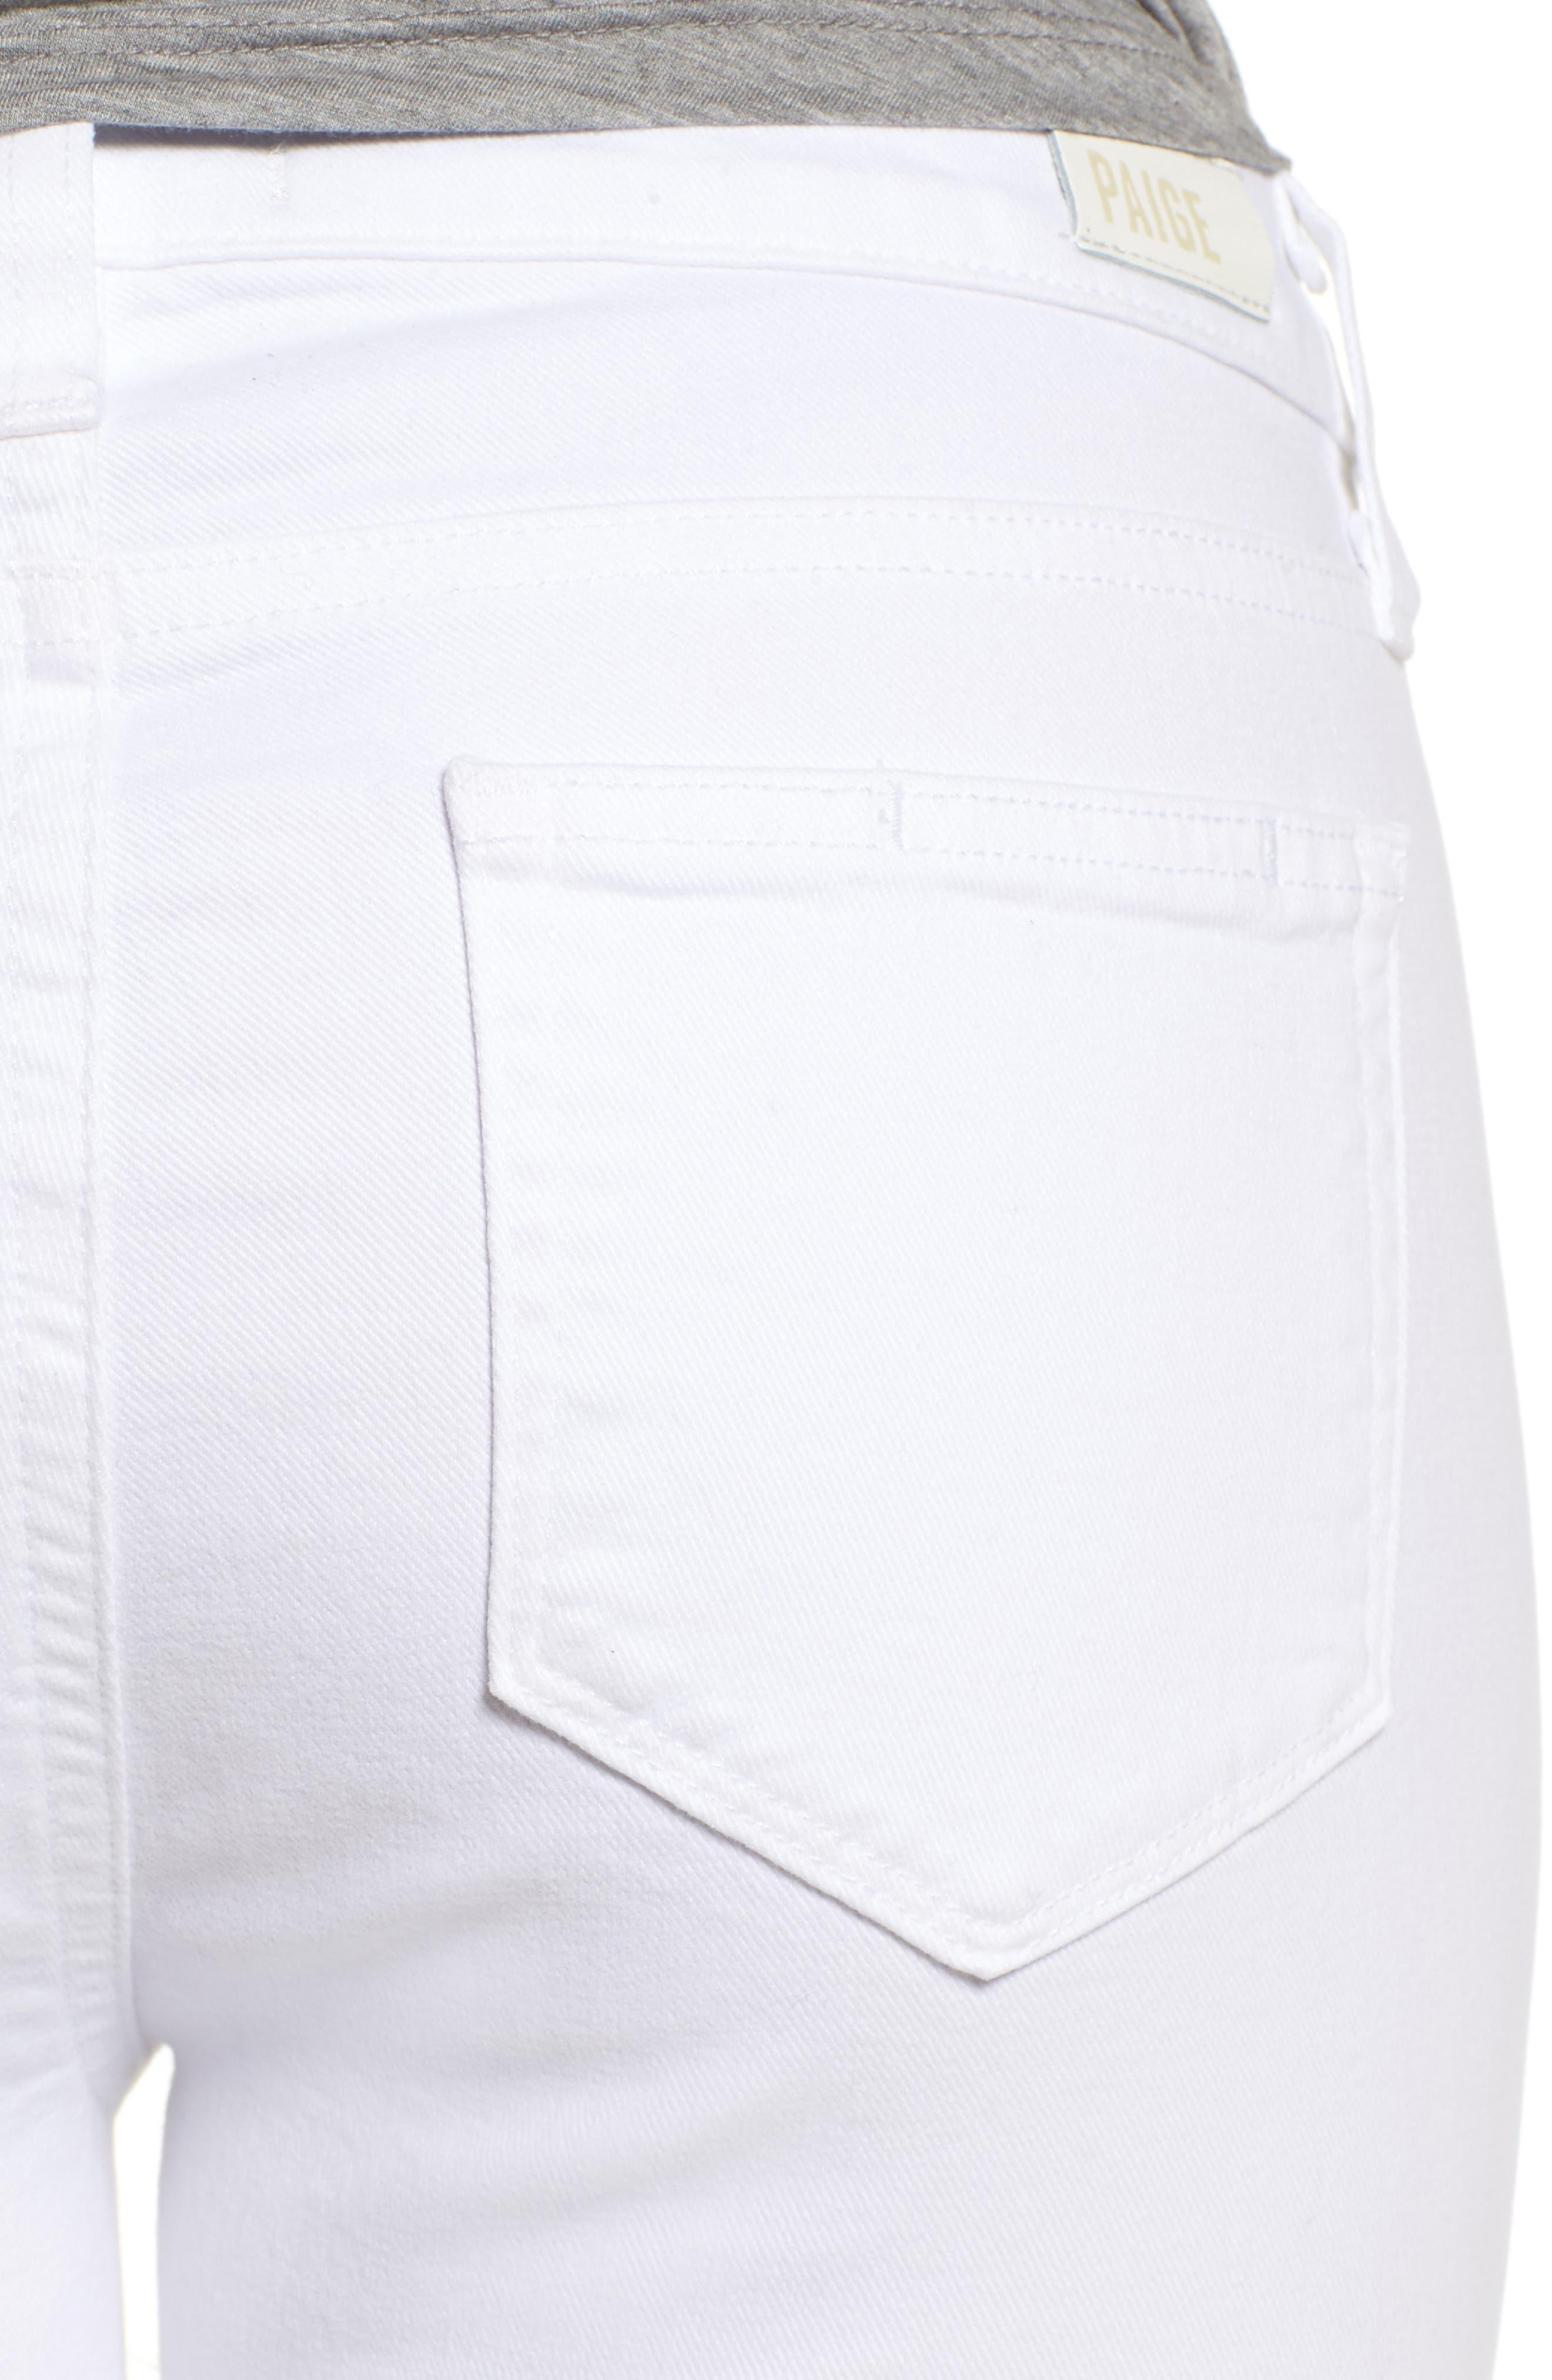 Skyline Ankle Peg Skinny Jeans,                             Alternate thumbnail 4, color,                             Crisp White